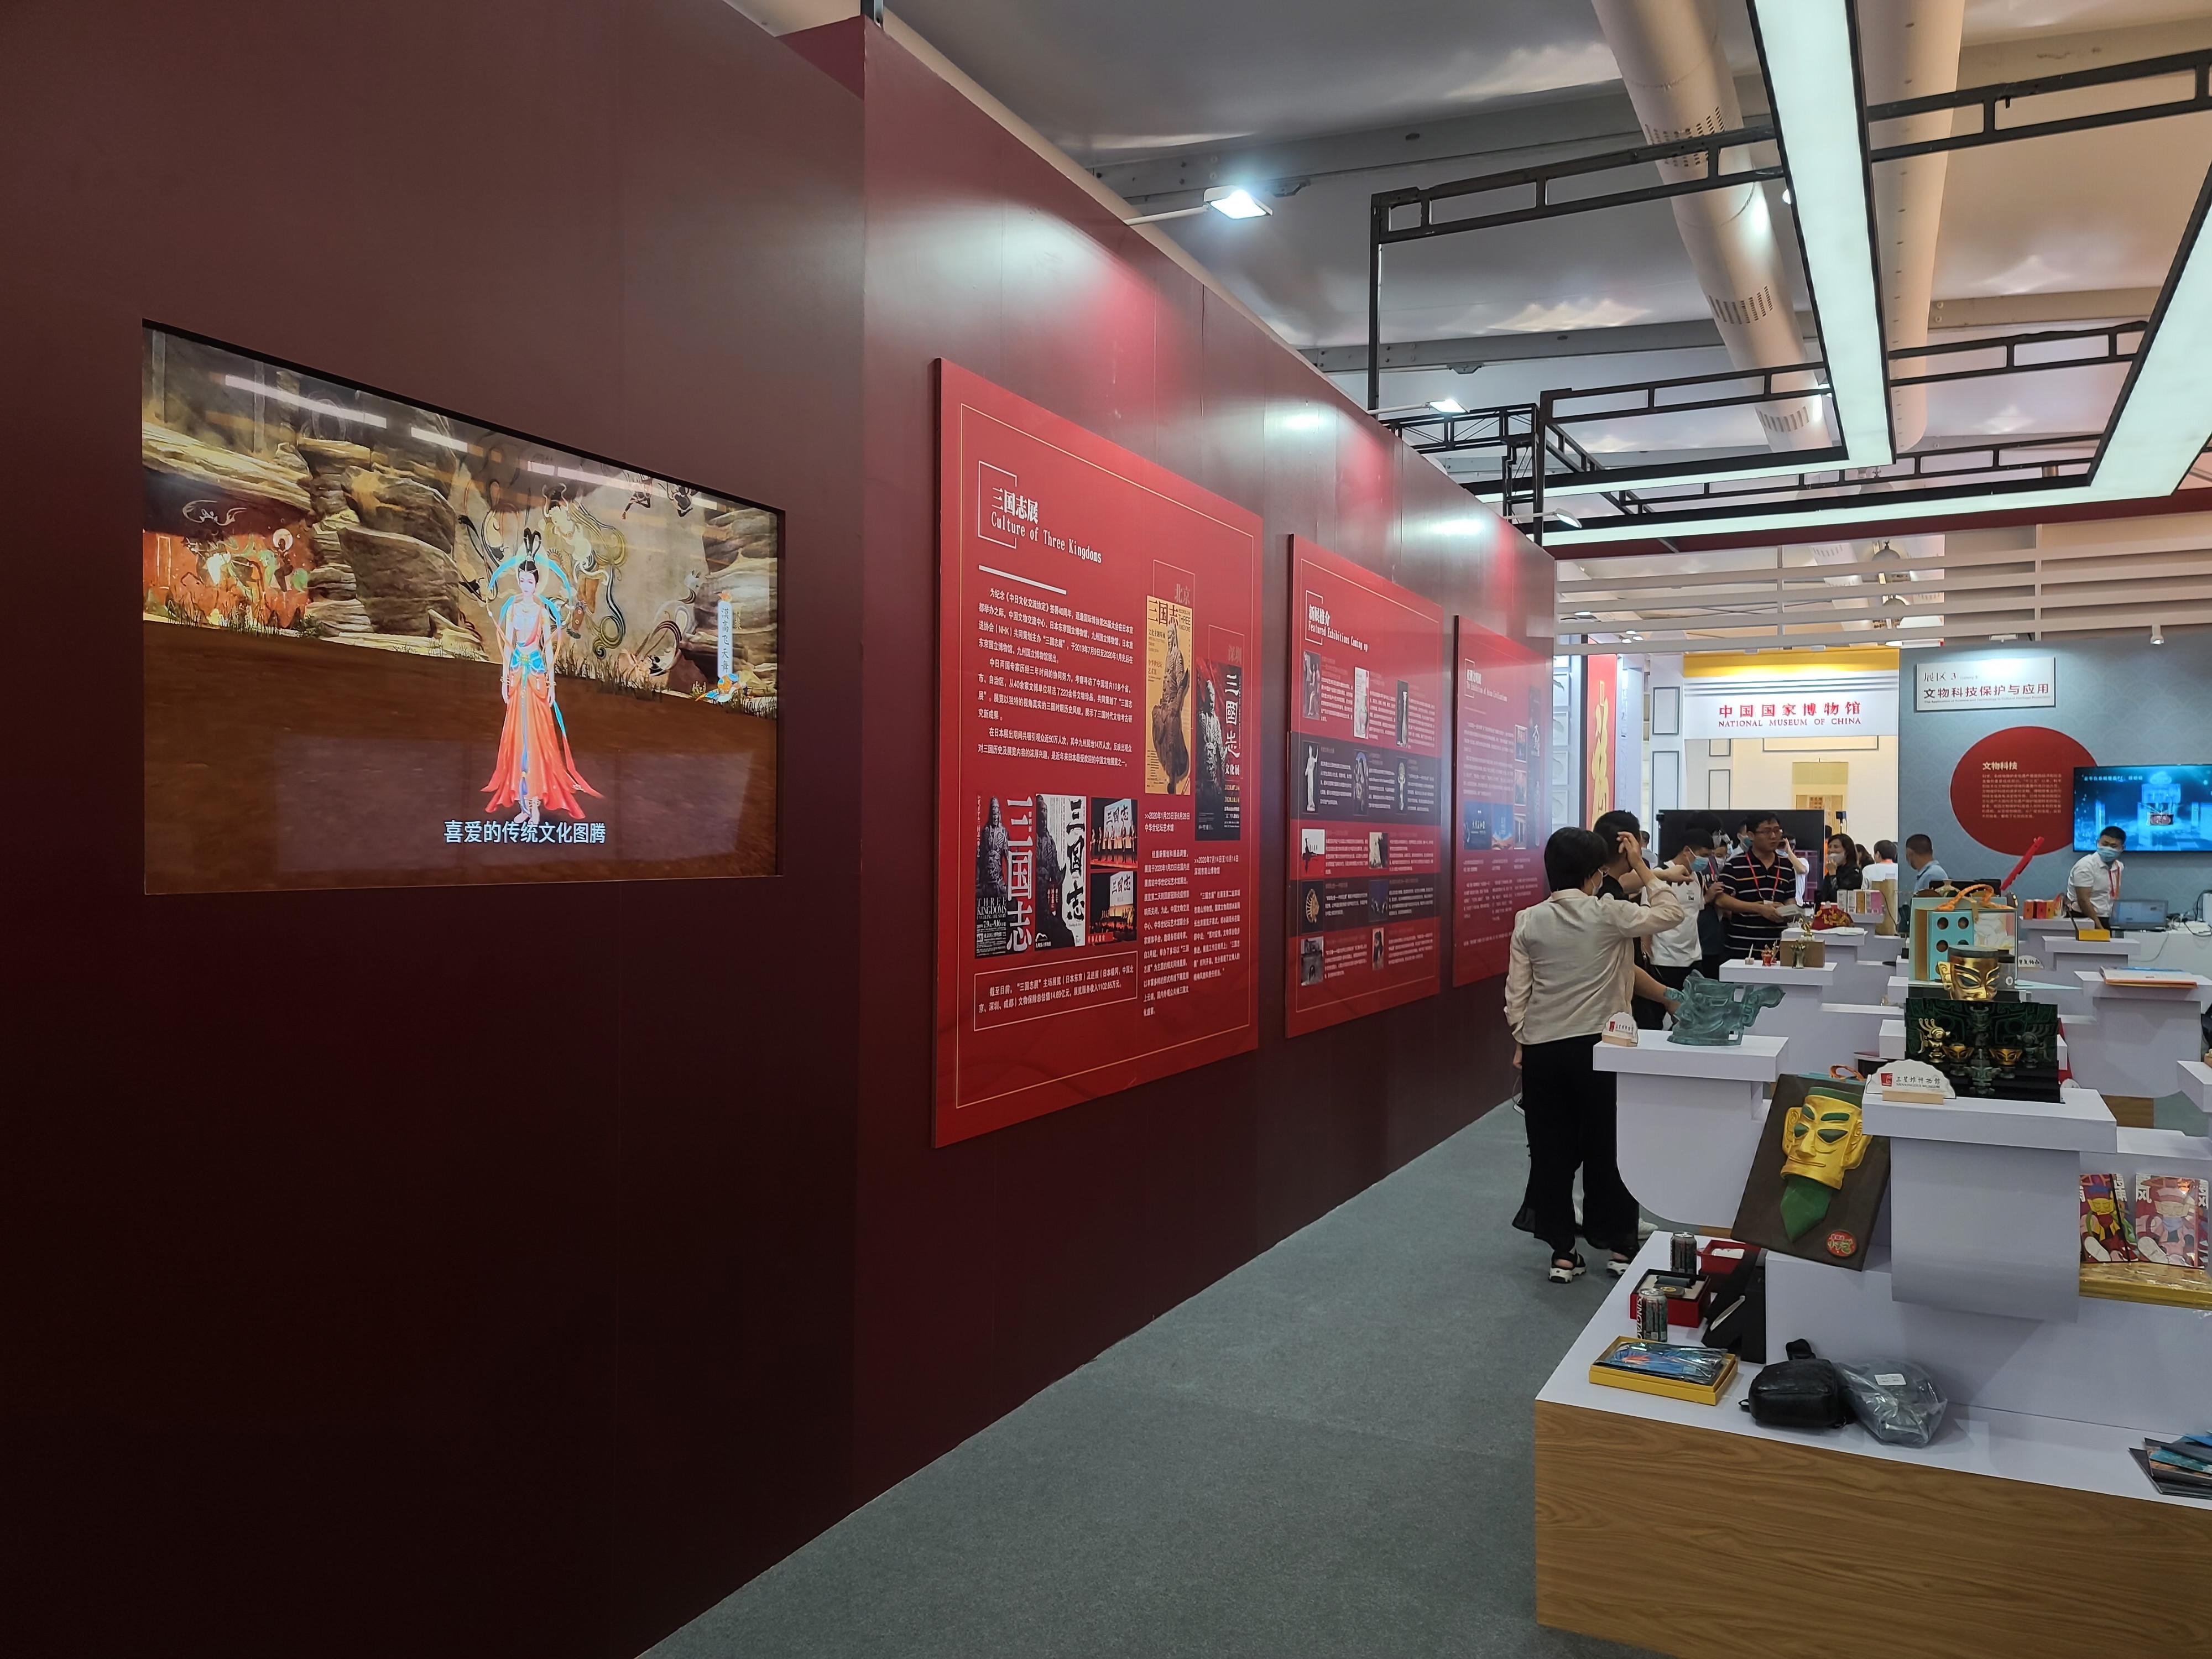 图3:展厅内景